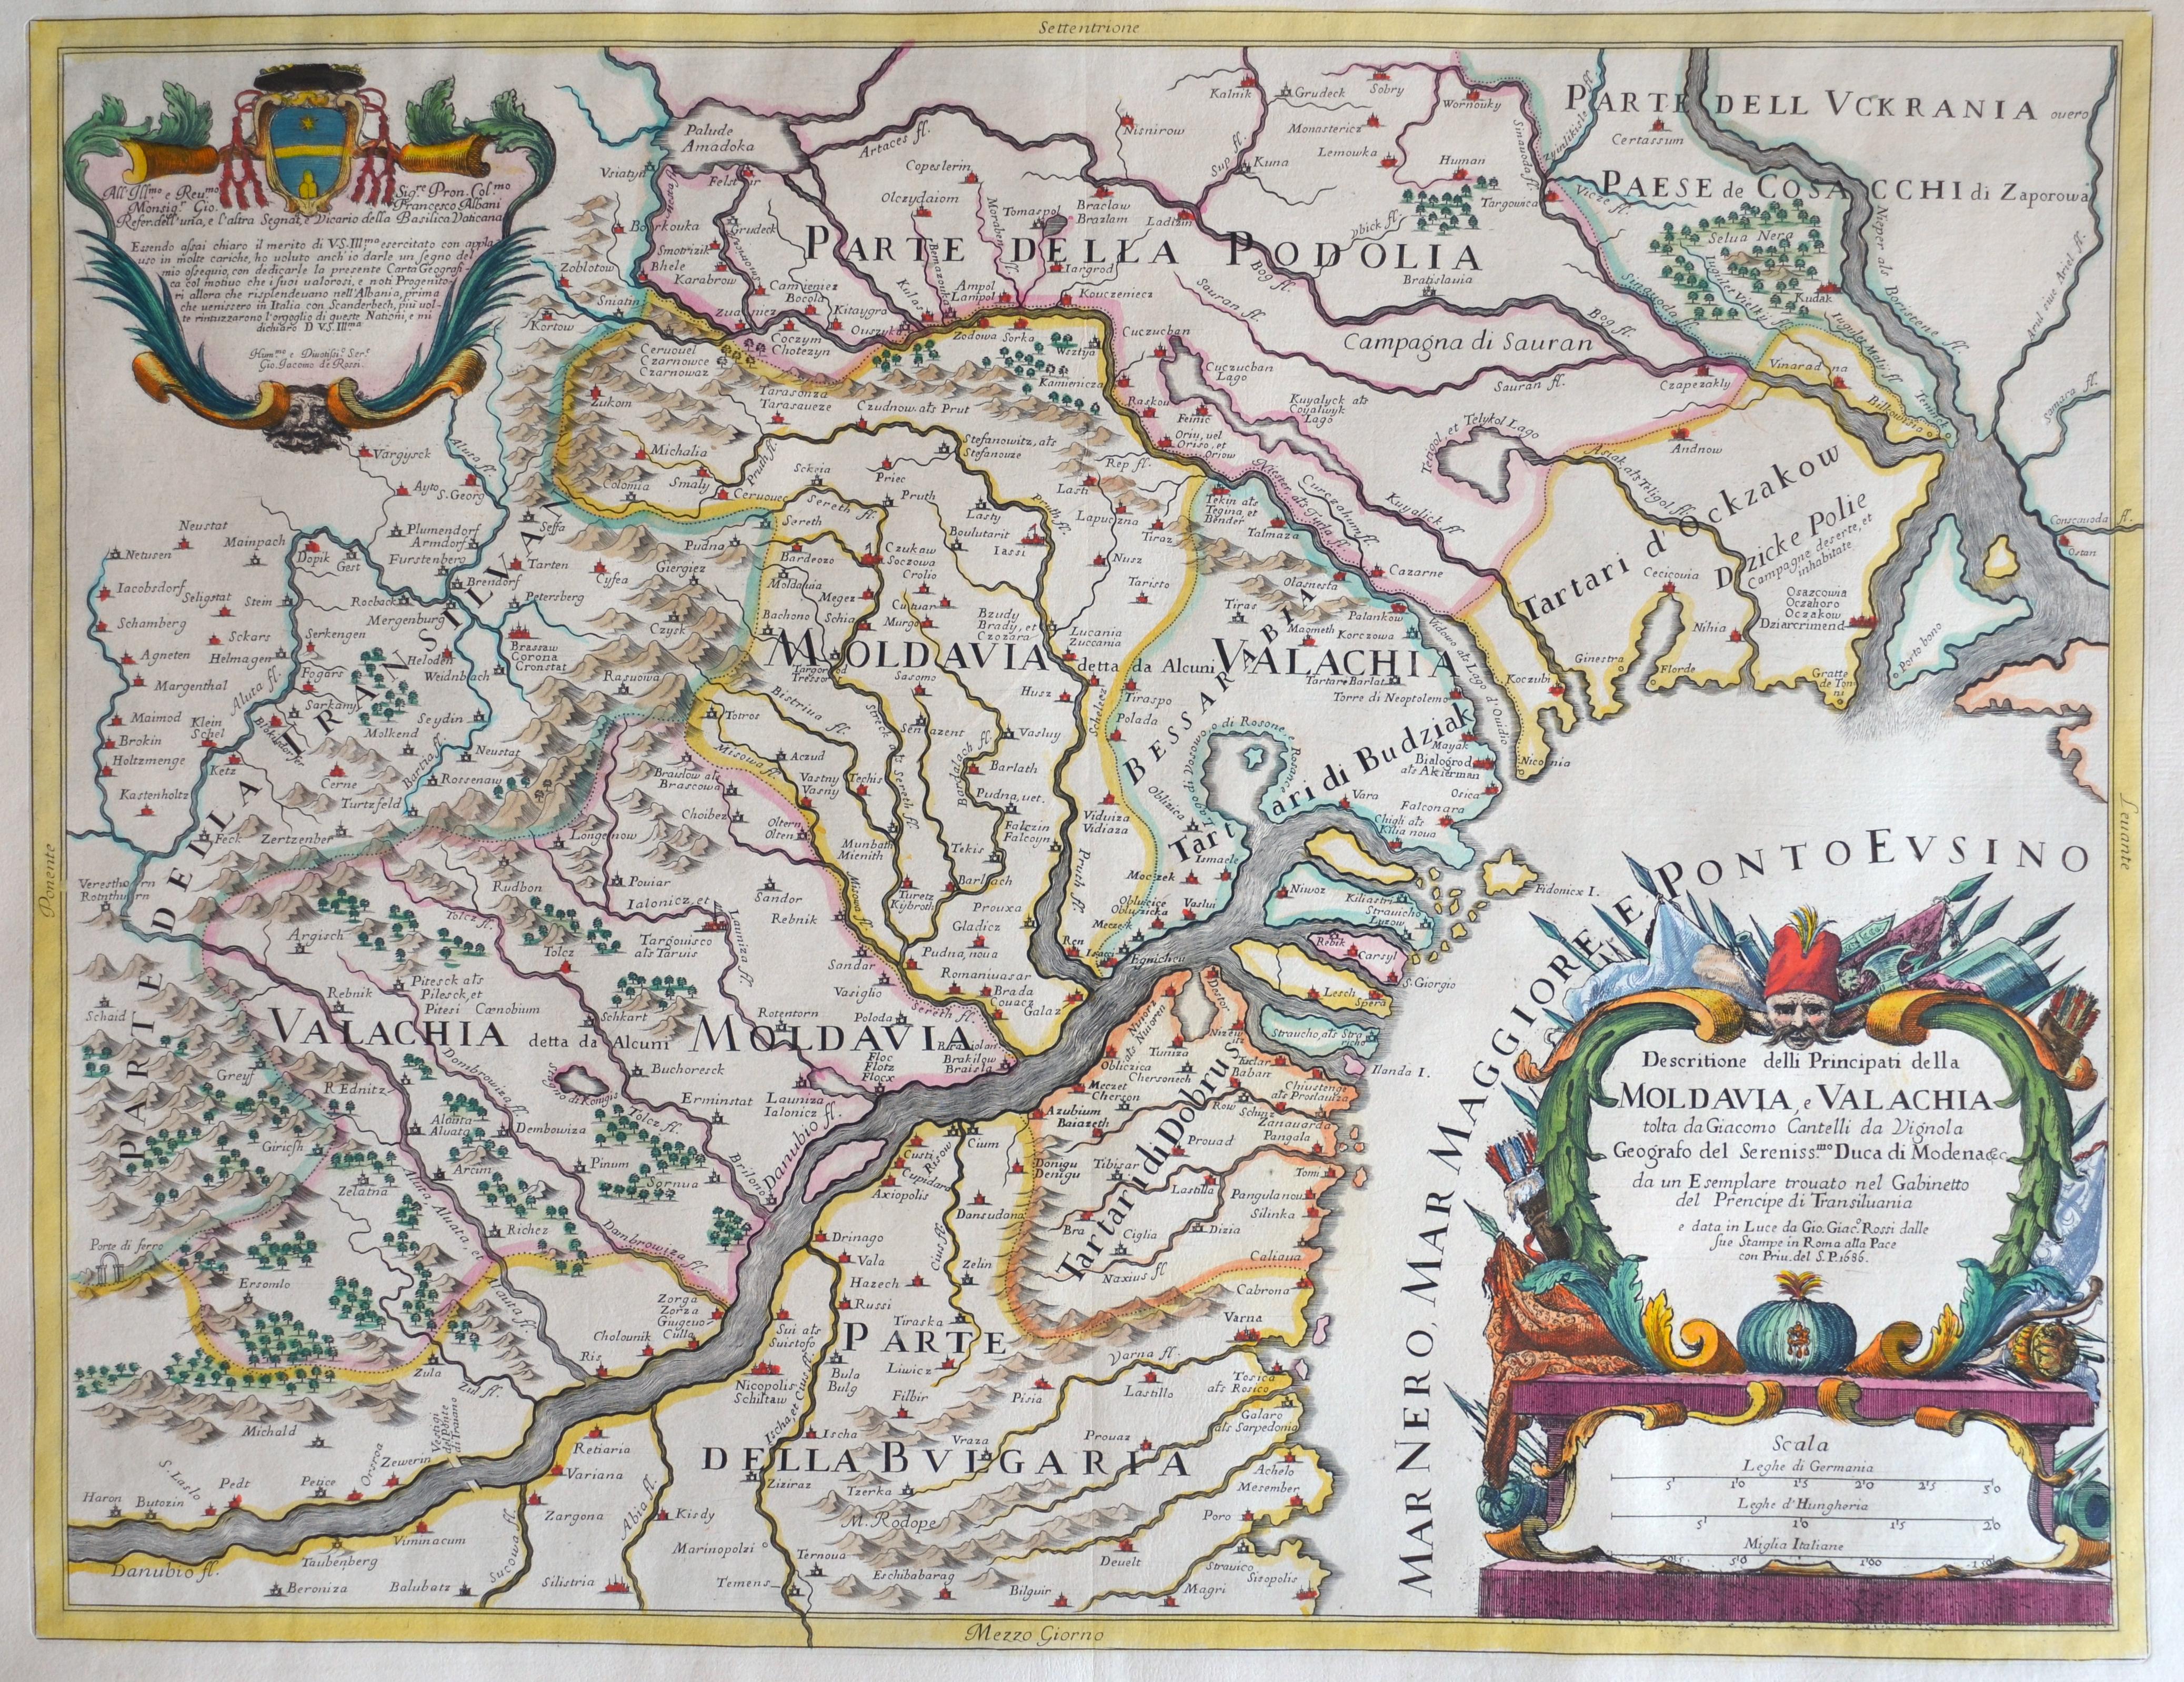 Cantelli da Vignola/Rossi G. / G. G. Descritione delli Principati della Moldavia, e Valachia tolta da diacomo Cantelli da Vignola..